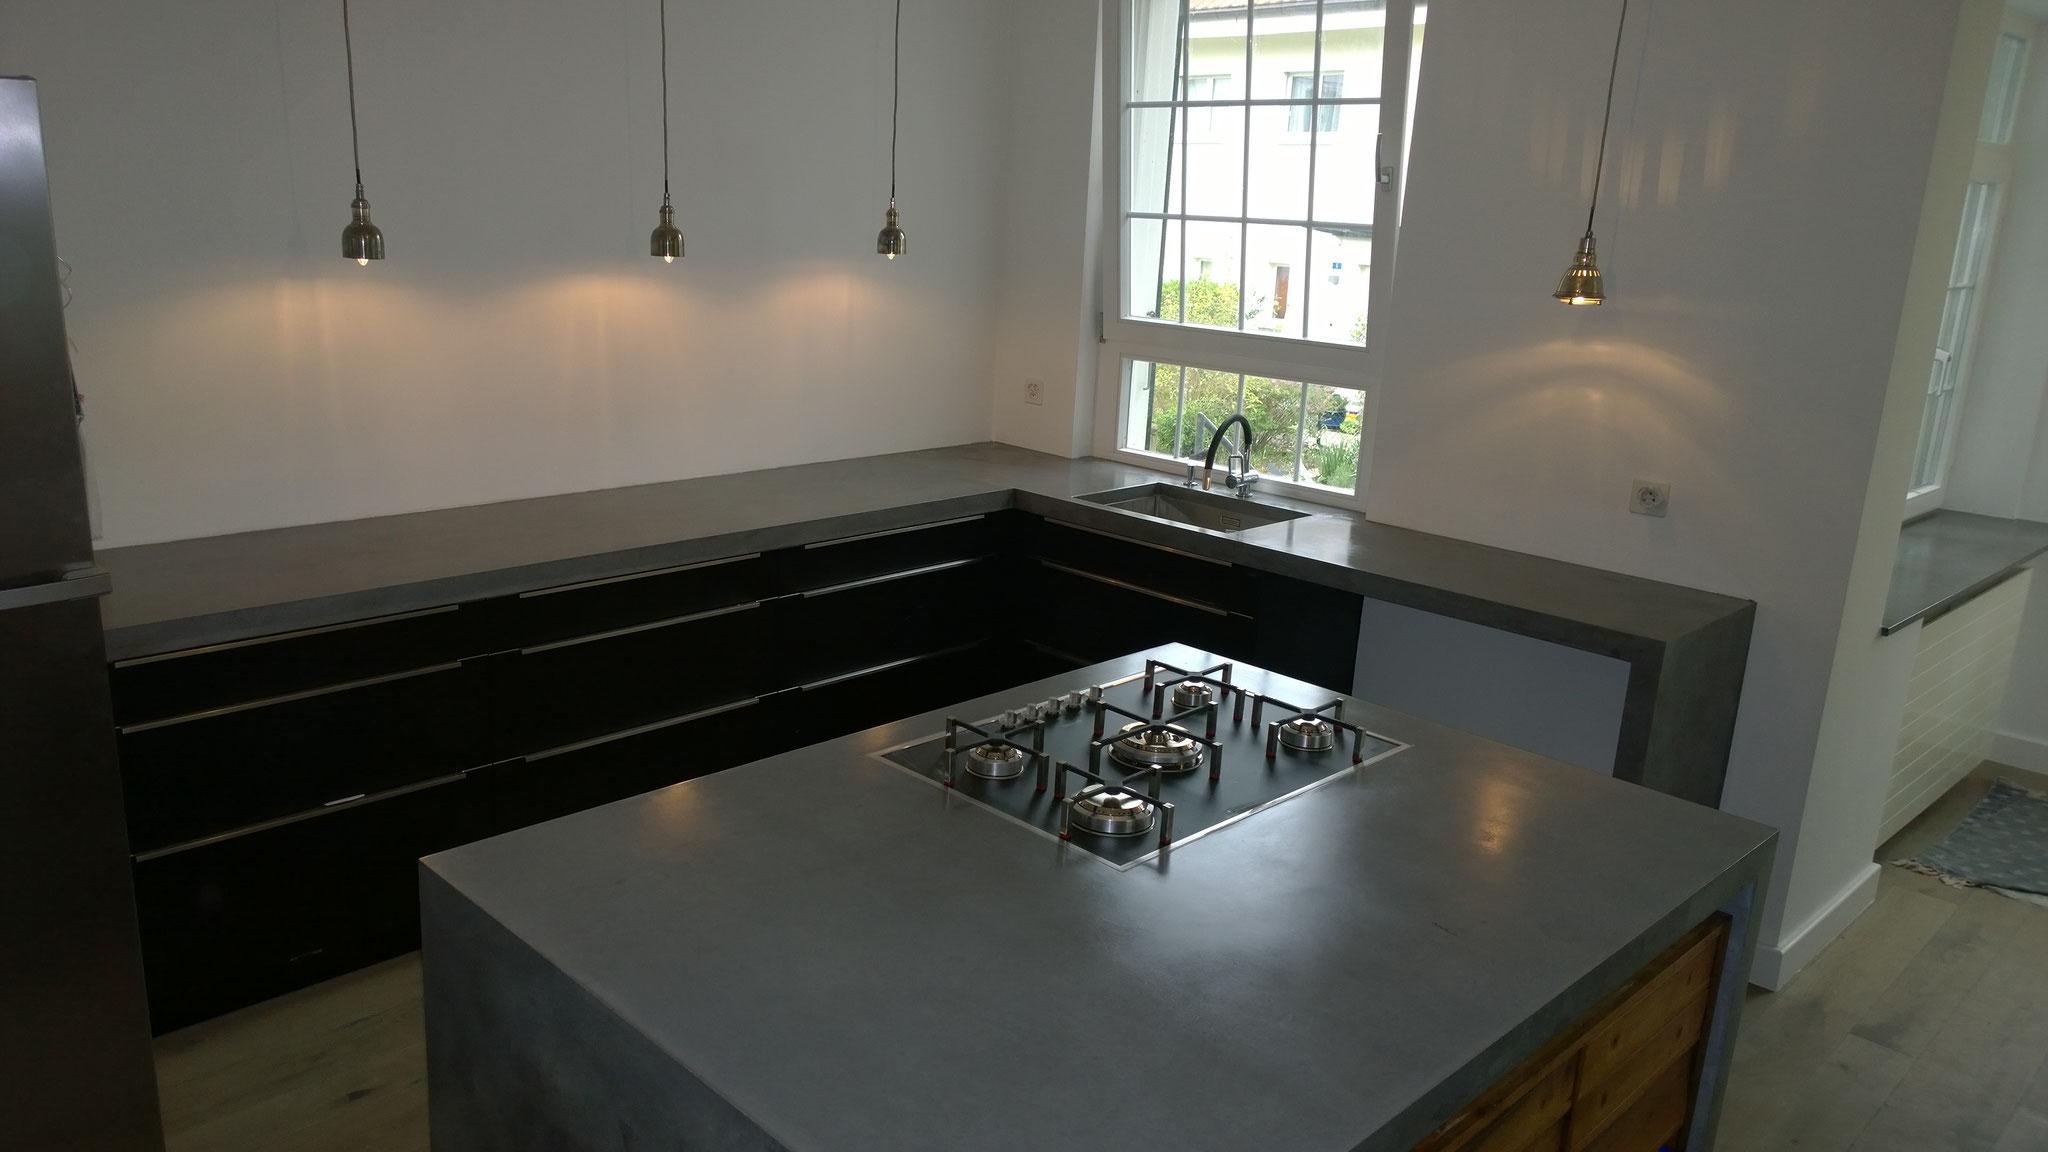 wandverkleidung küche günstig | küche mit elektrogeräten günstig